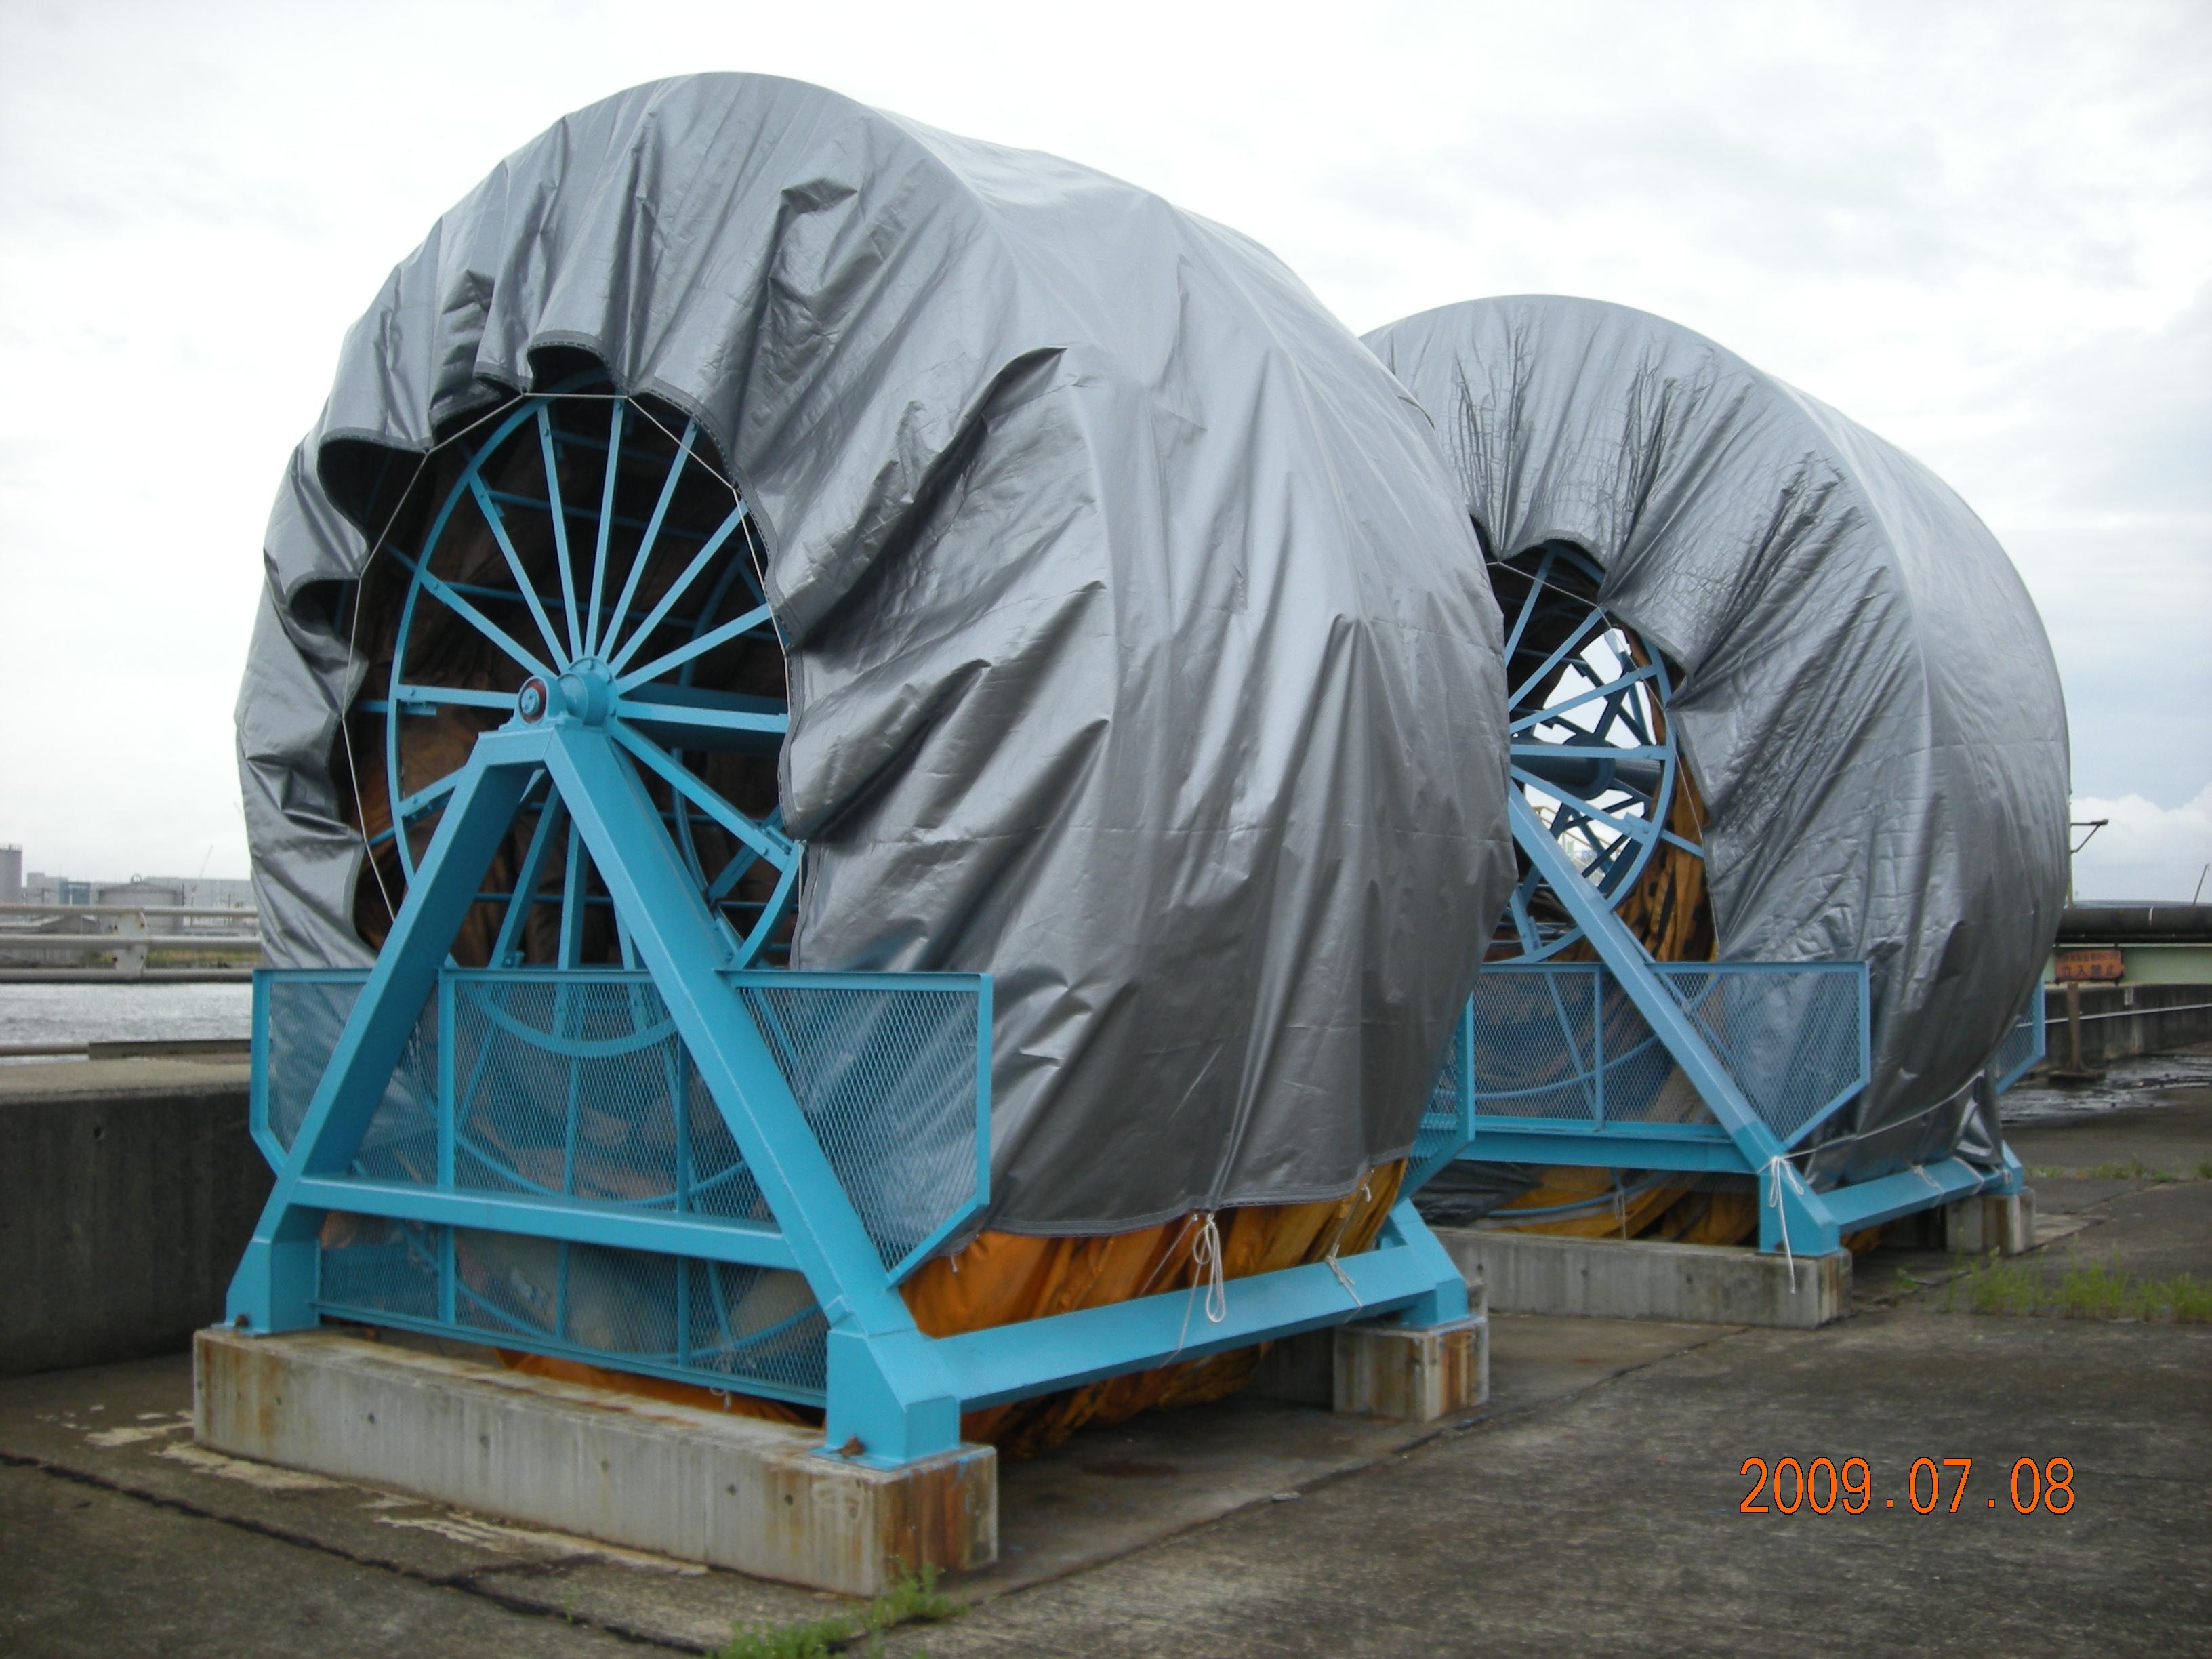 株式会社牛若は、ビニール・ポリエチレン・その他の合成樹脂を材料とした製品を製作・施工する会社です。